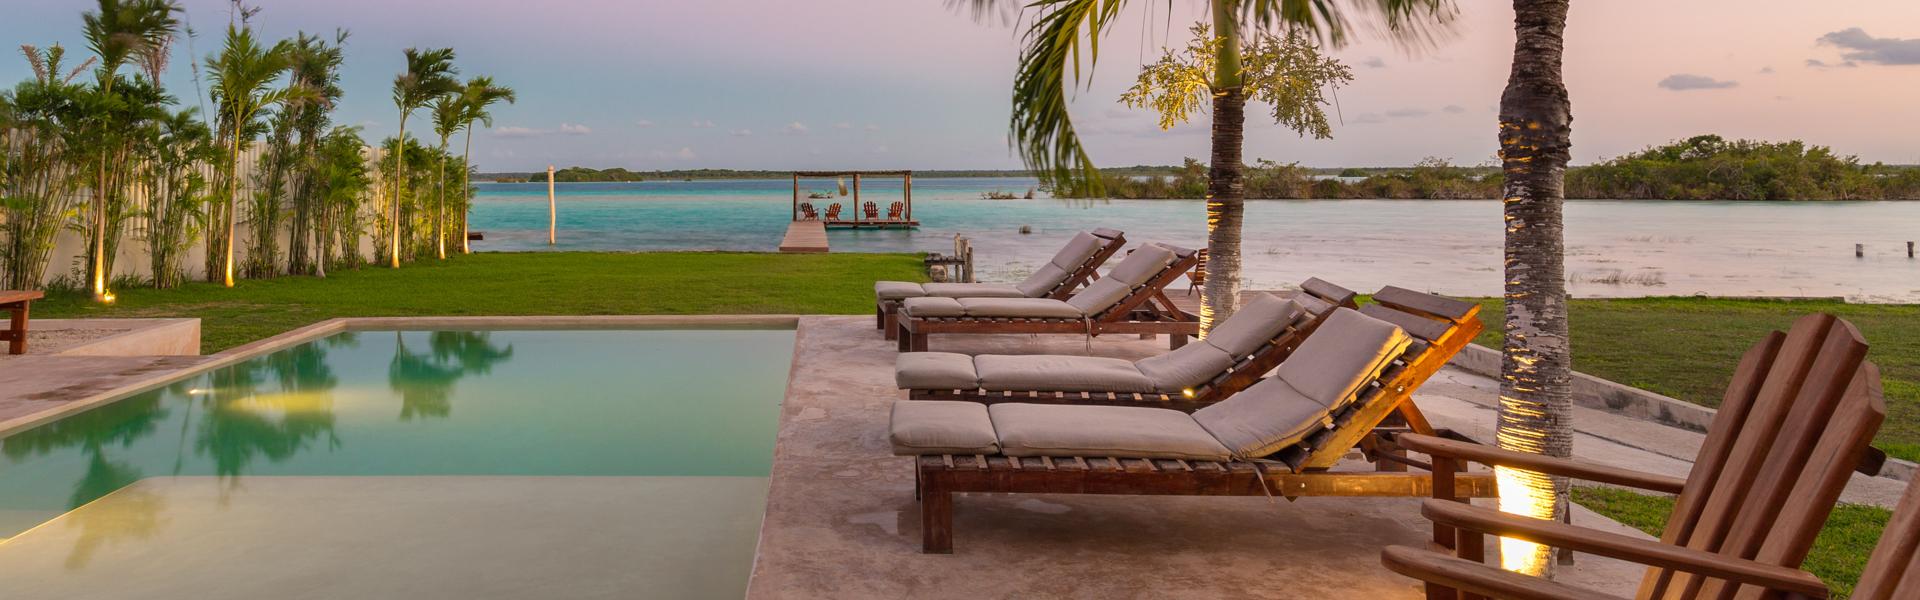 CasaBakal Bacalar Quintana Roo